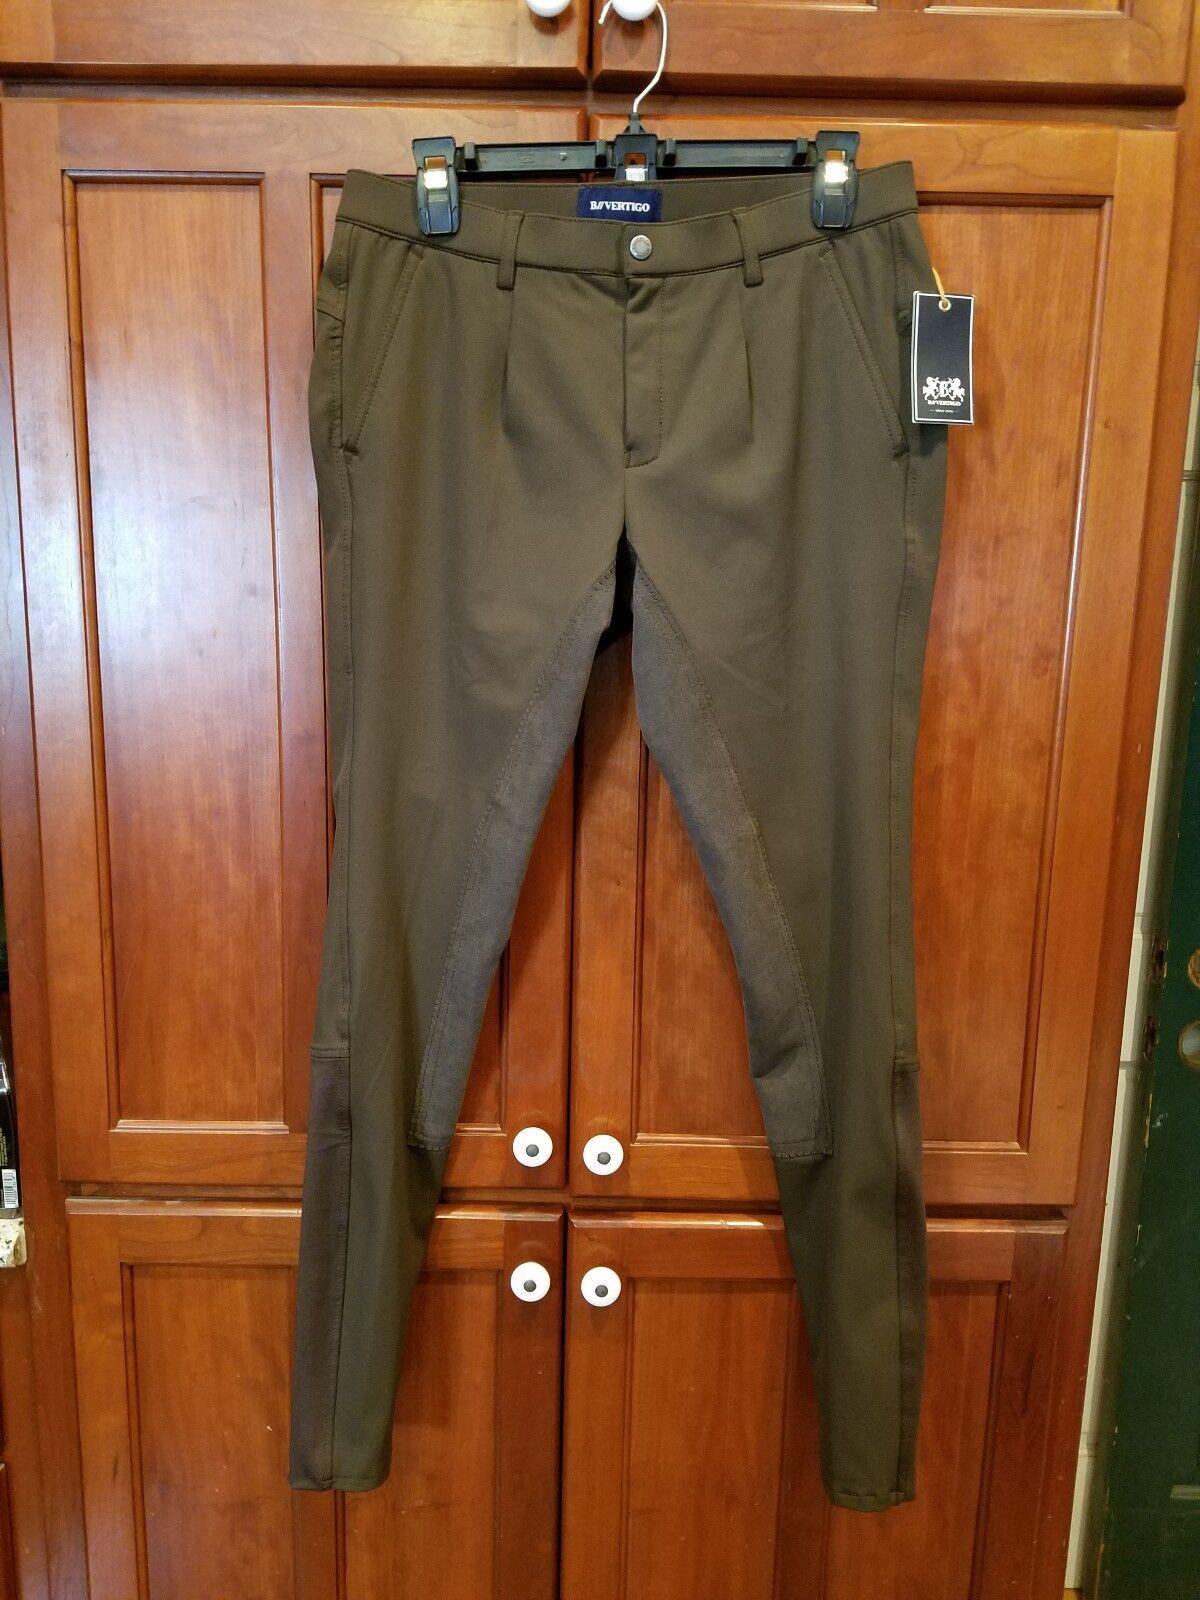 Nuevo Para hombres LIJADORA B vértigo Completo Asiento Equitación Pantalones de montar con mediana altura de la Cintura Nuevo con etiquetas